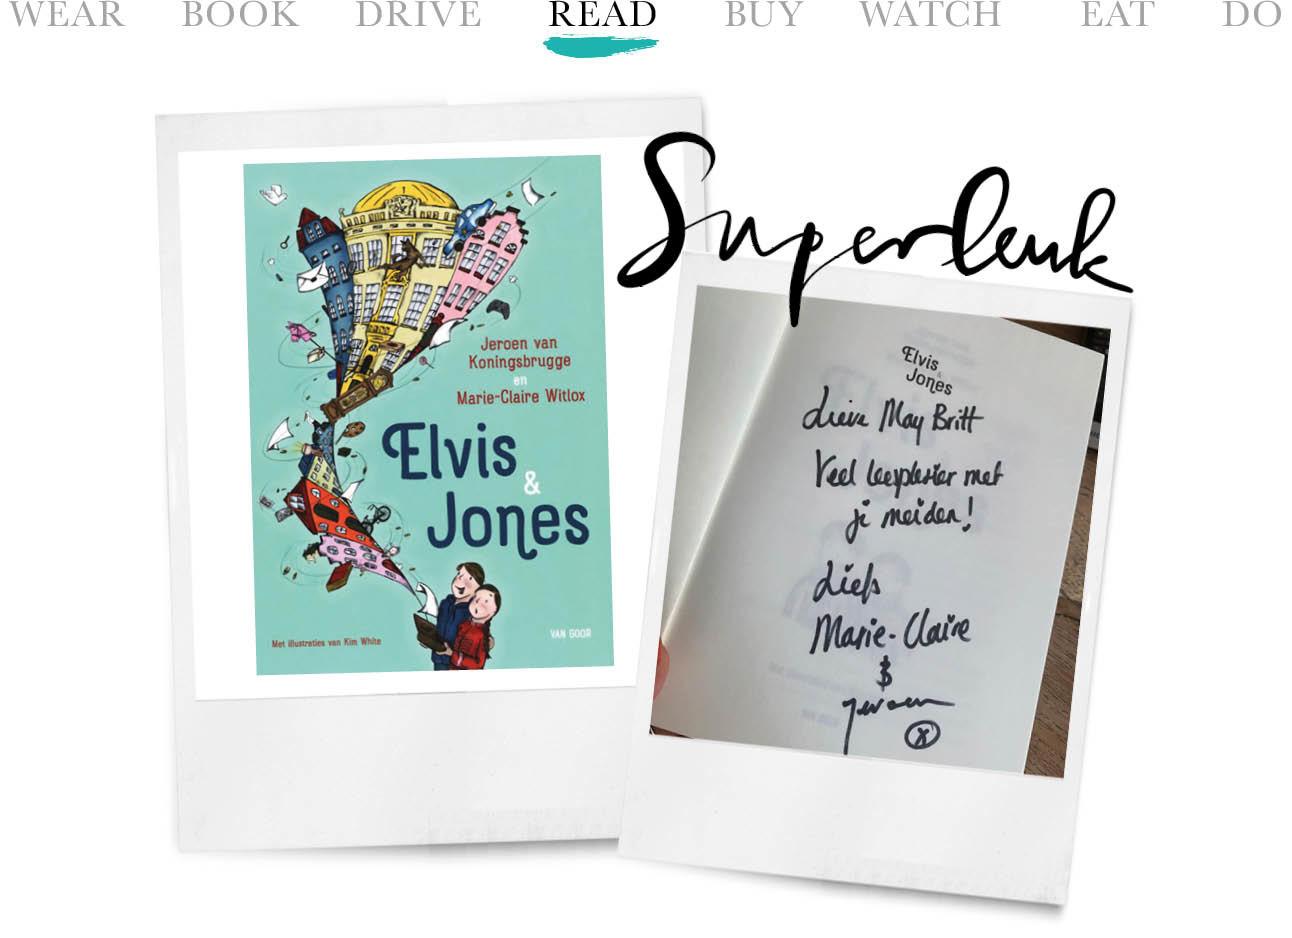 Elvis & Jones boek